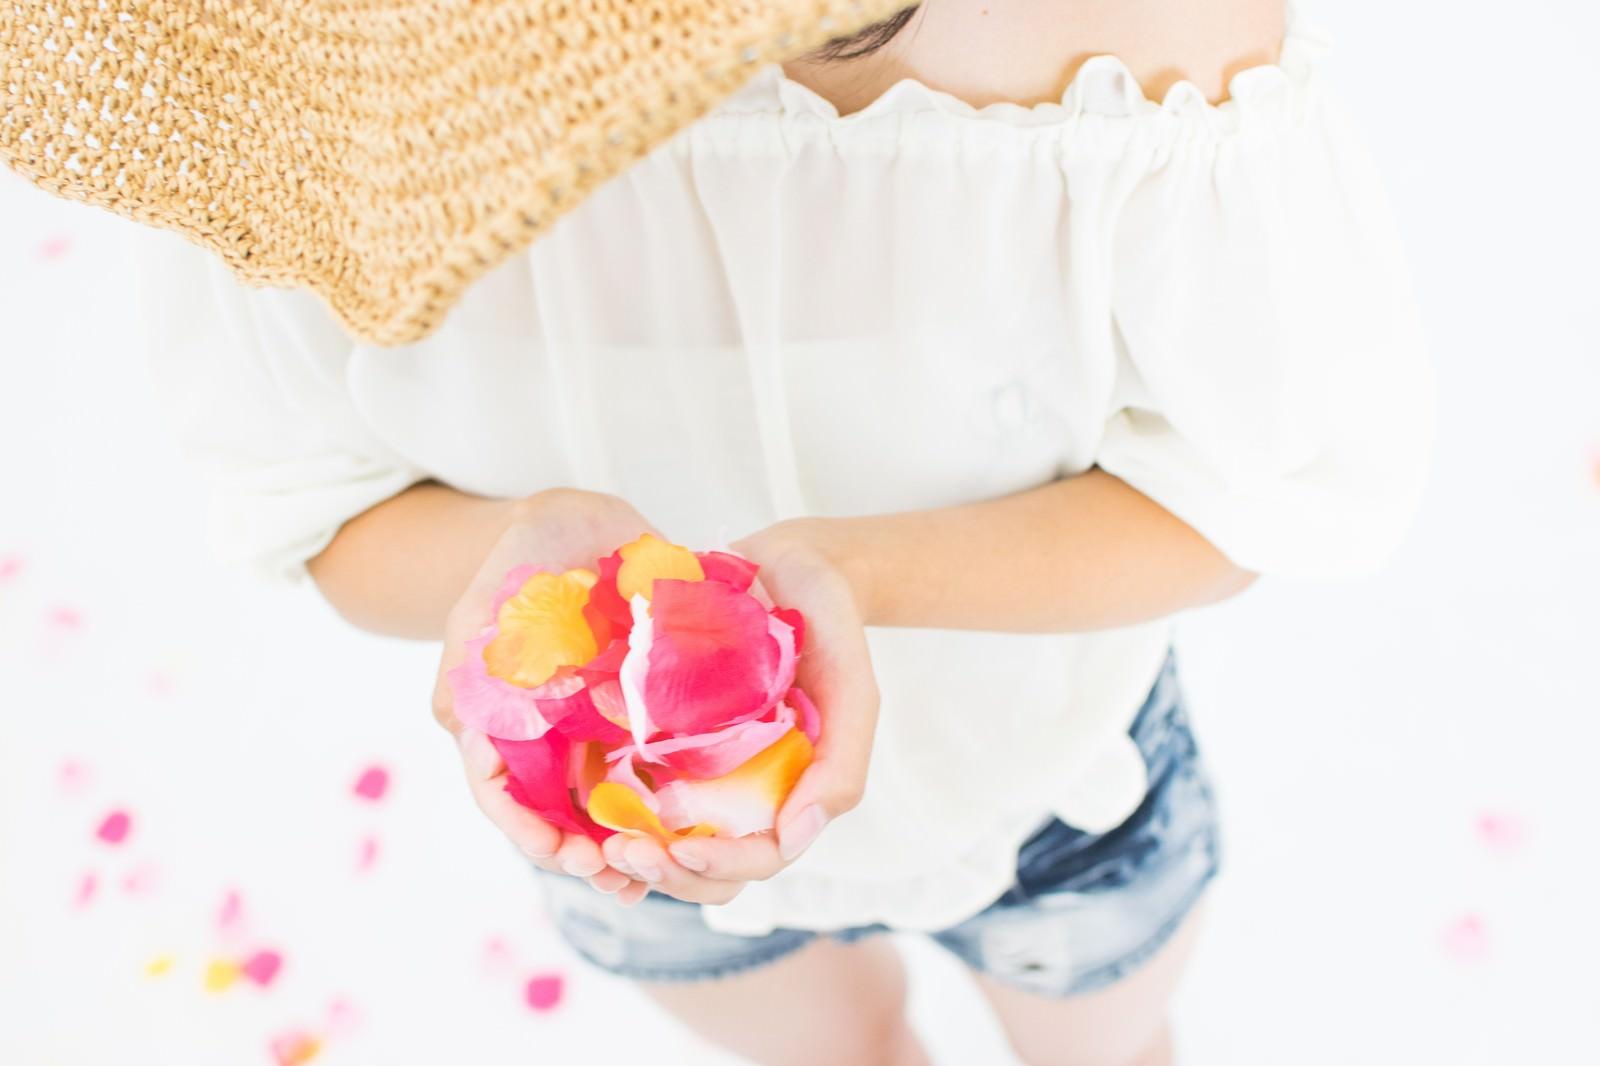 「両手いっぱいの花びら両手いっぱいの花びら」のフリー写真素材を拡大